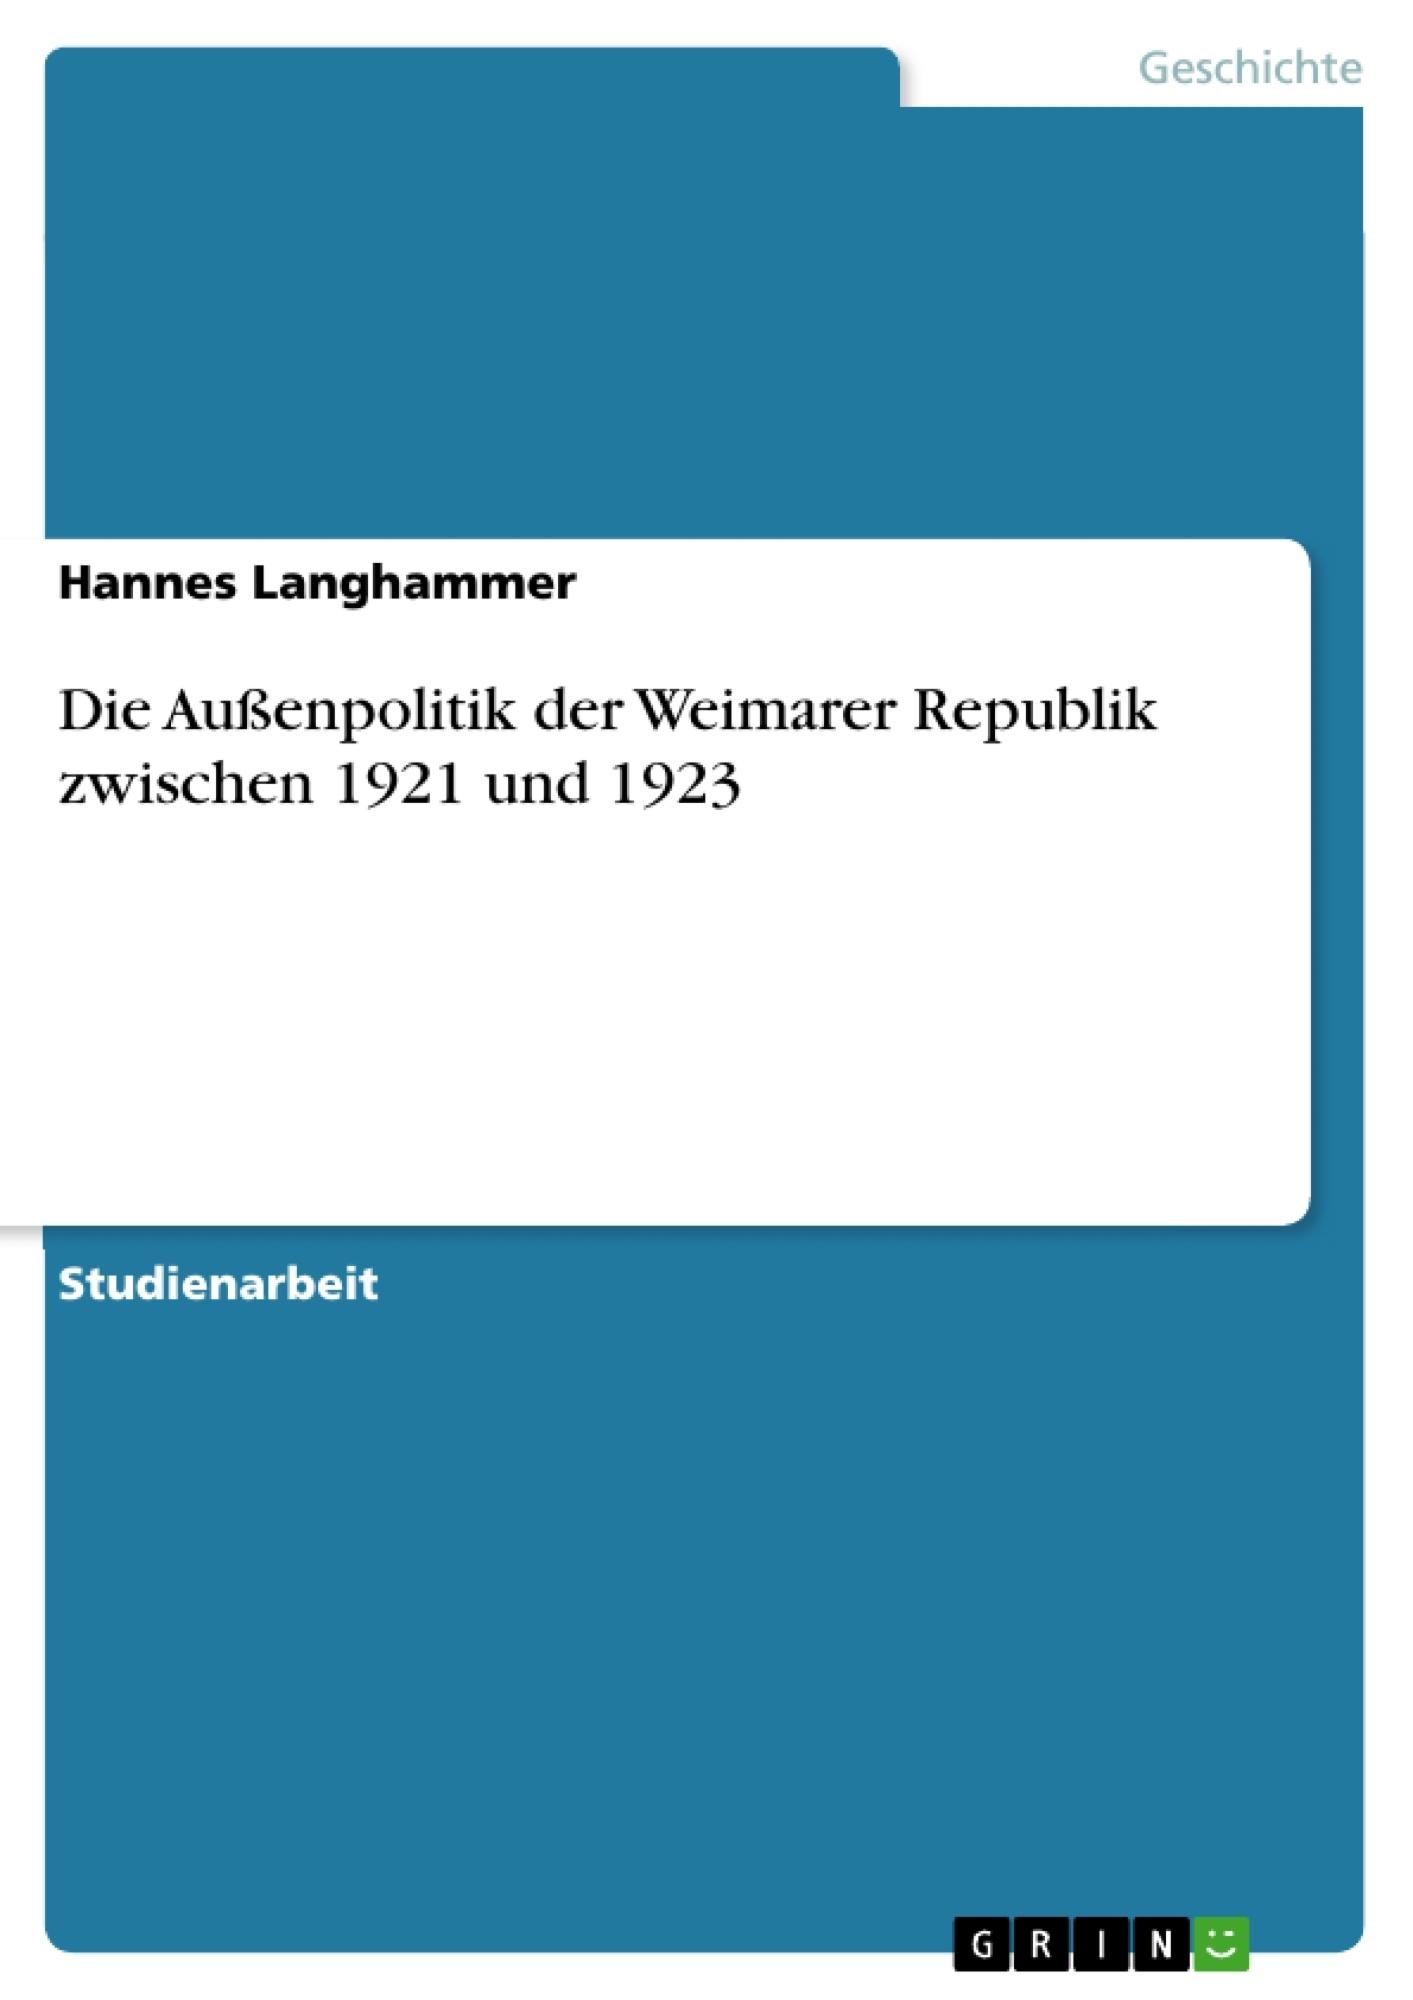 Titel: Die Außenpolitik der Weimarer Republik zwischen 1921 und 1923